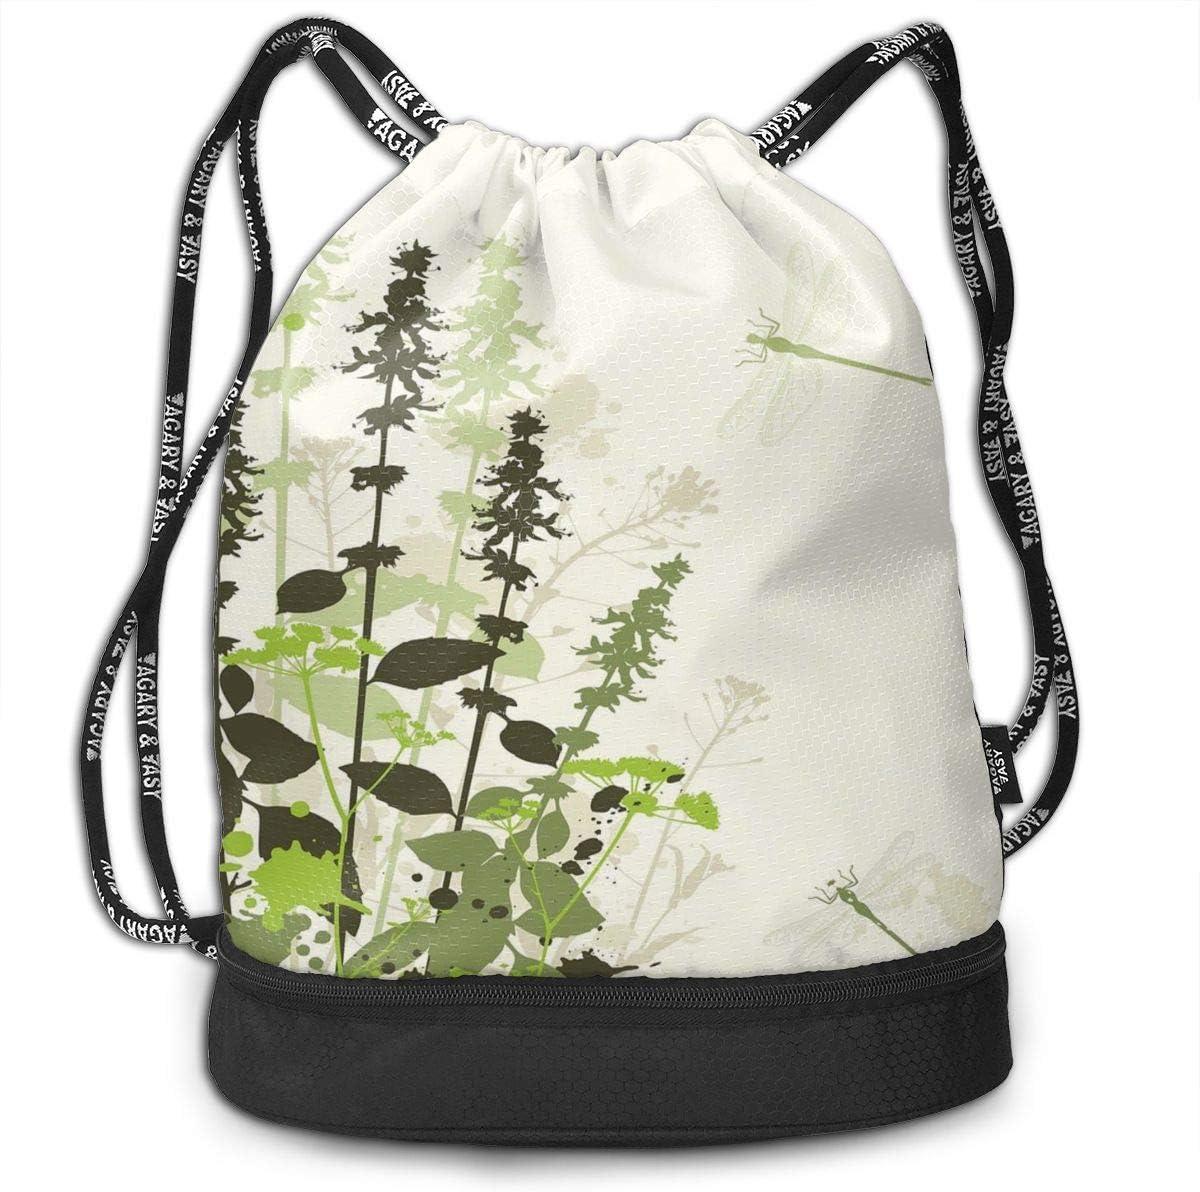 Drawstring Multi-PurposeShoeGardening Supplies Bag for Garden Lovers